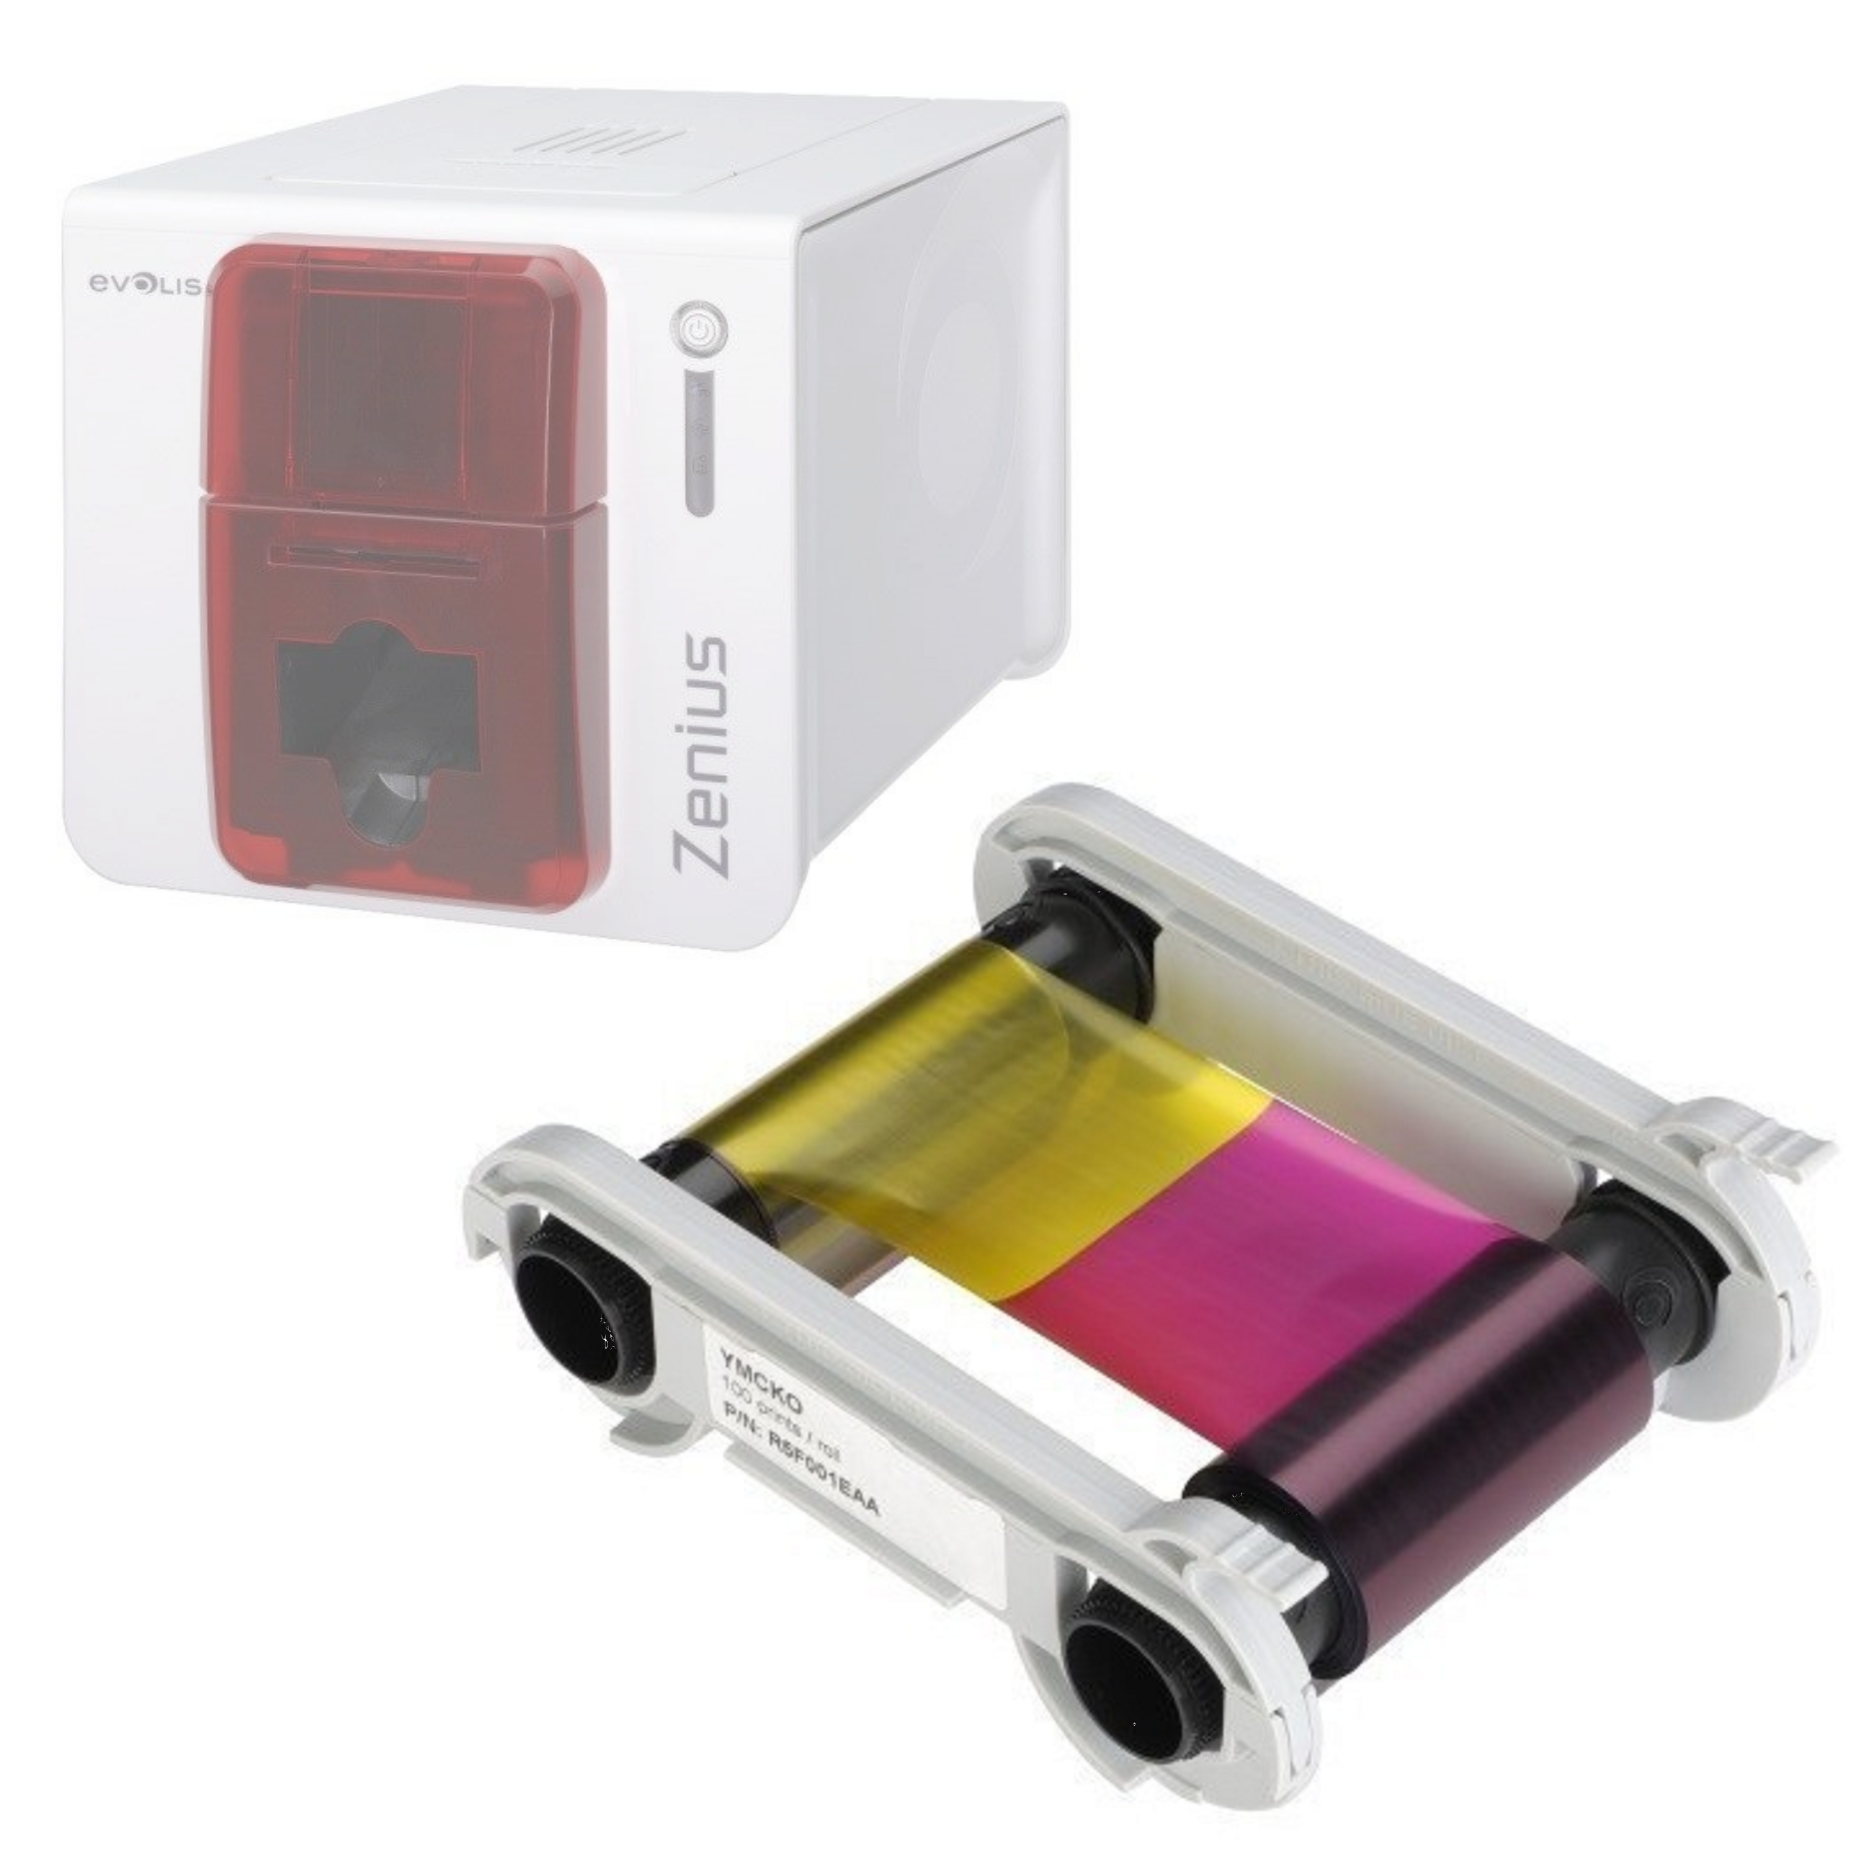 Rubans couleur et monochrome pour imprimante Evolis Zenius